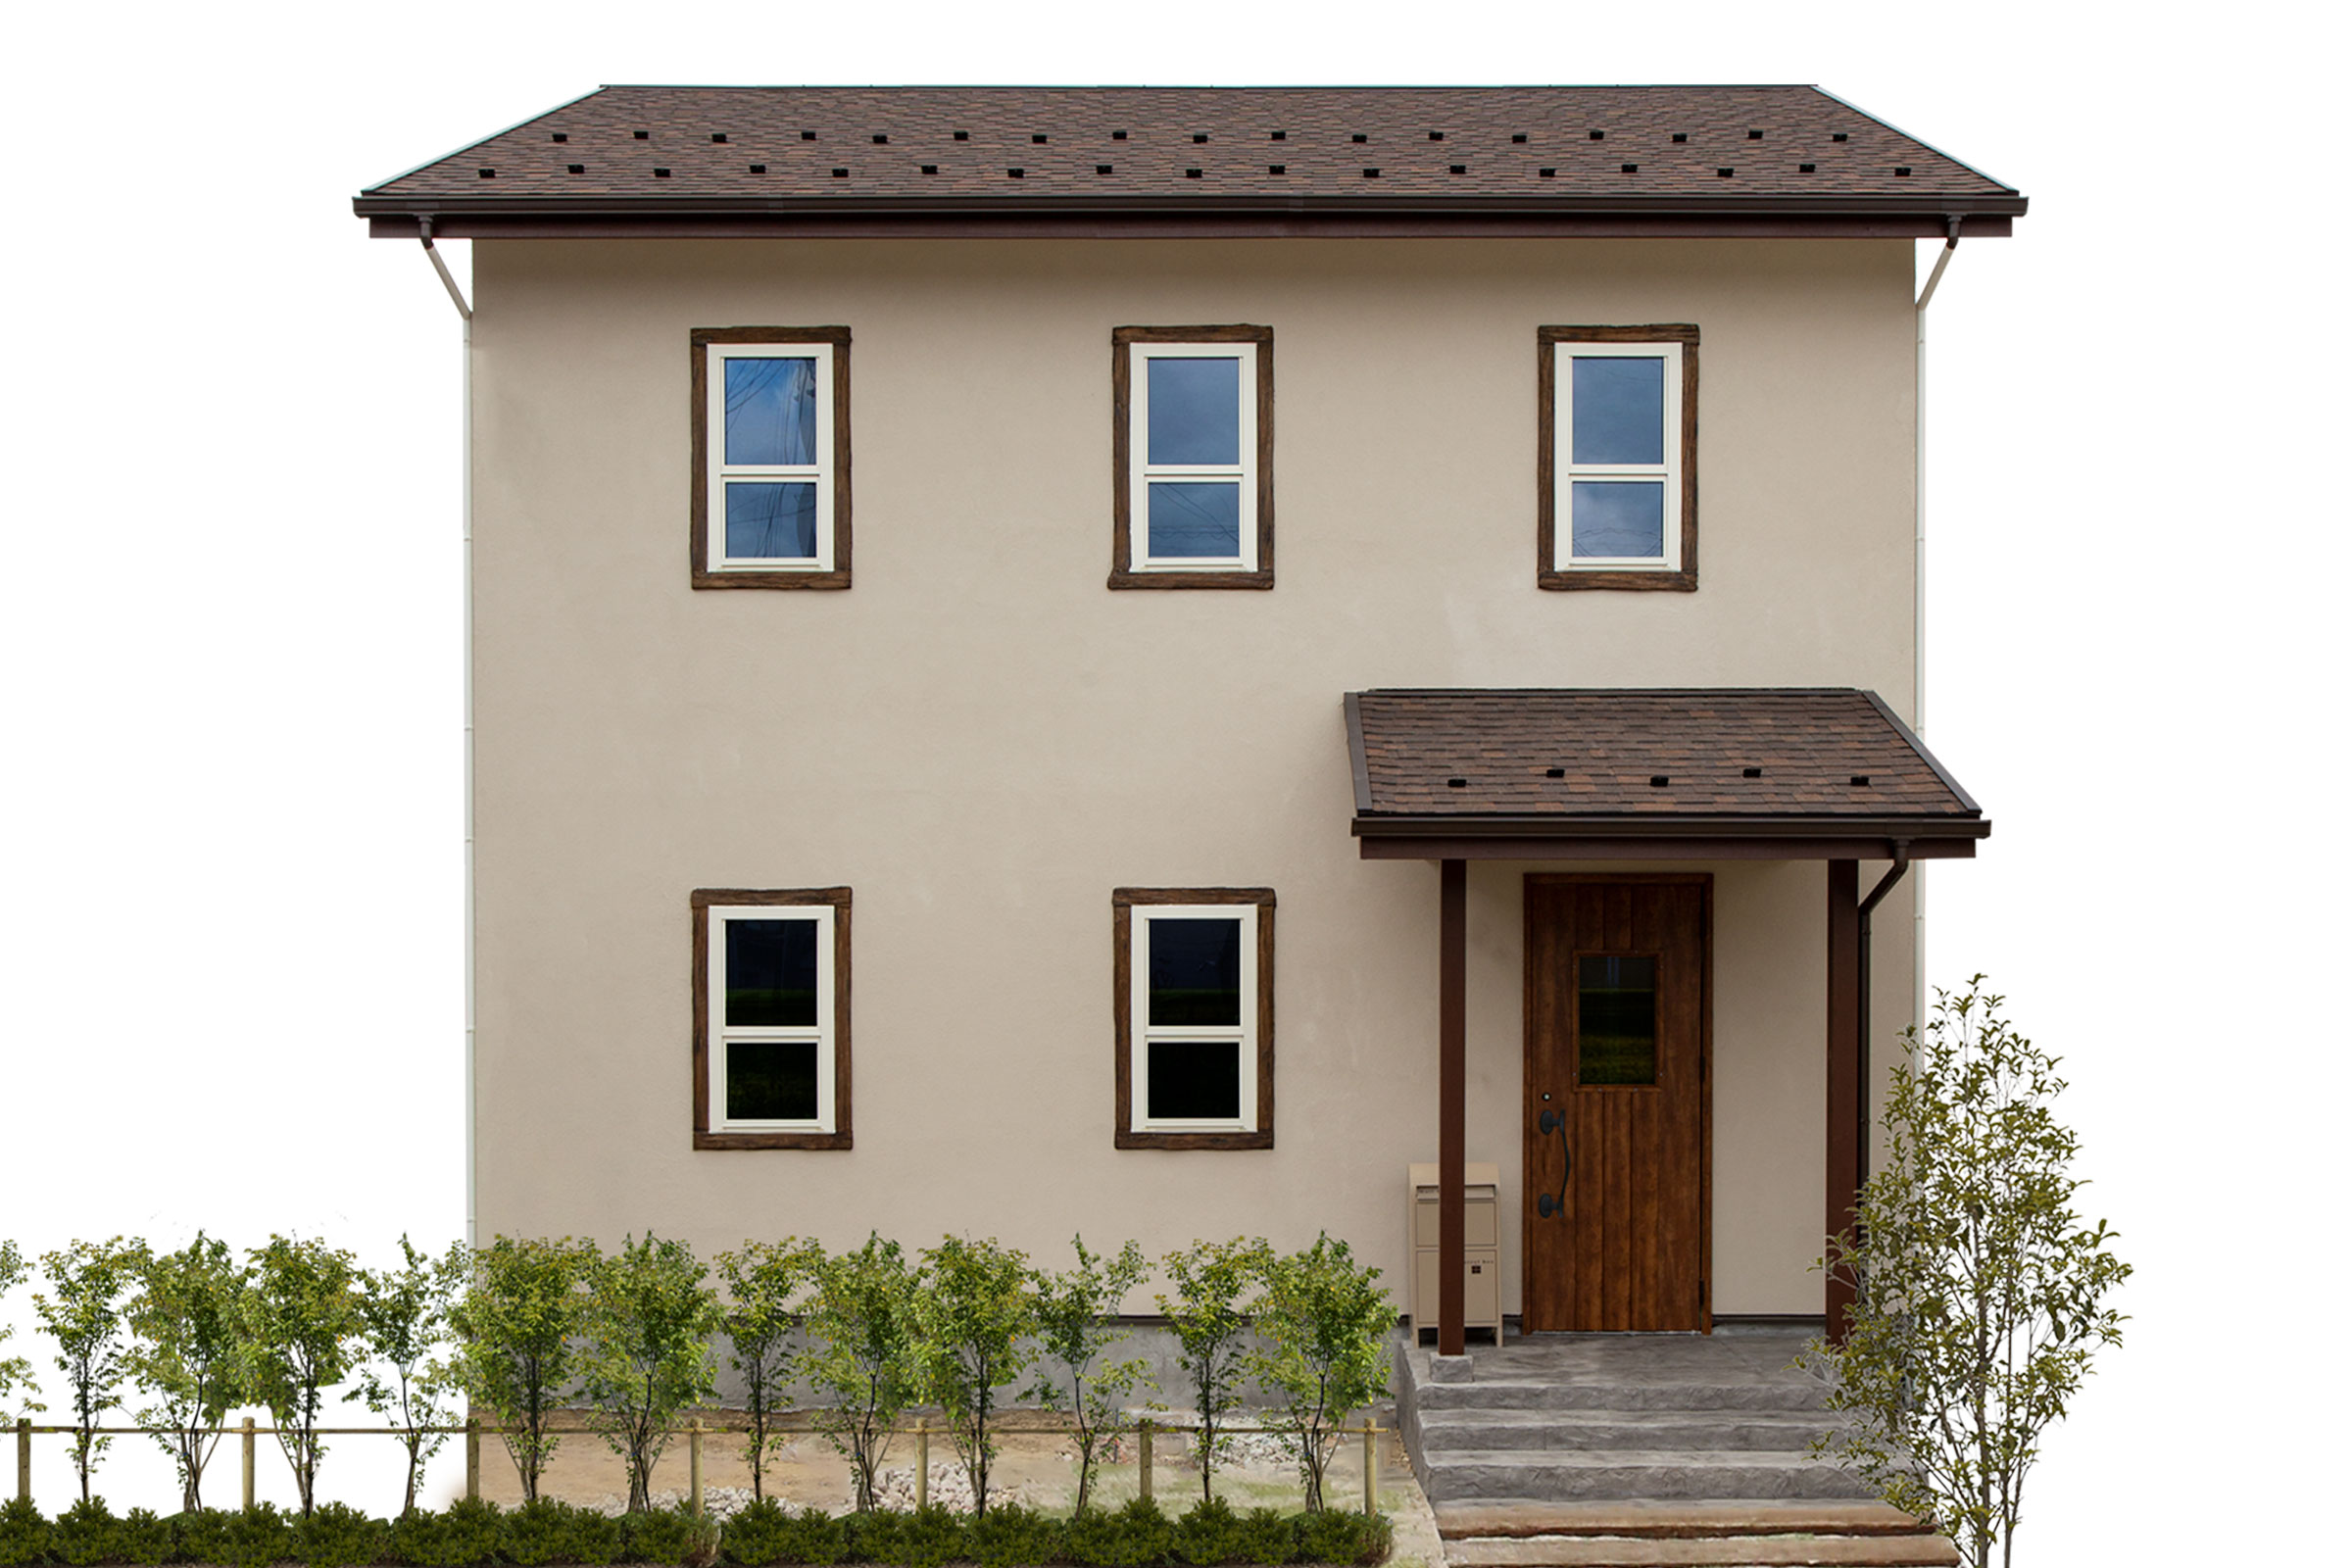 ブリティッシュスタイルのママンの家